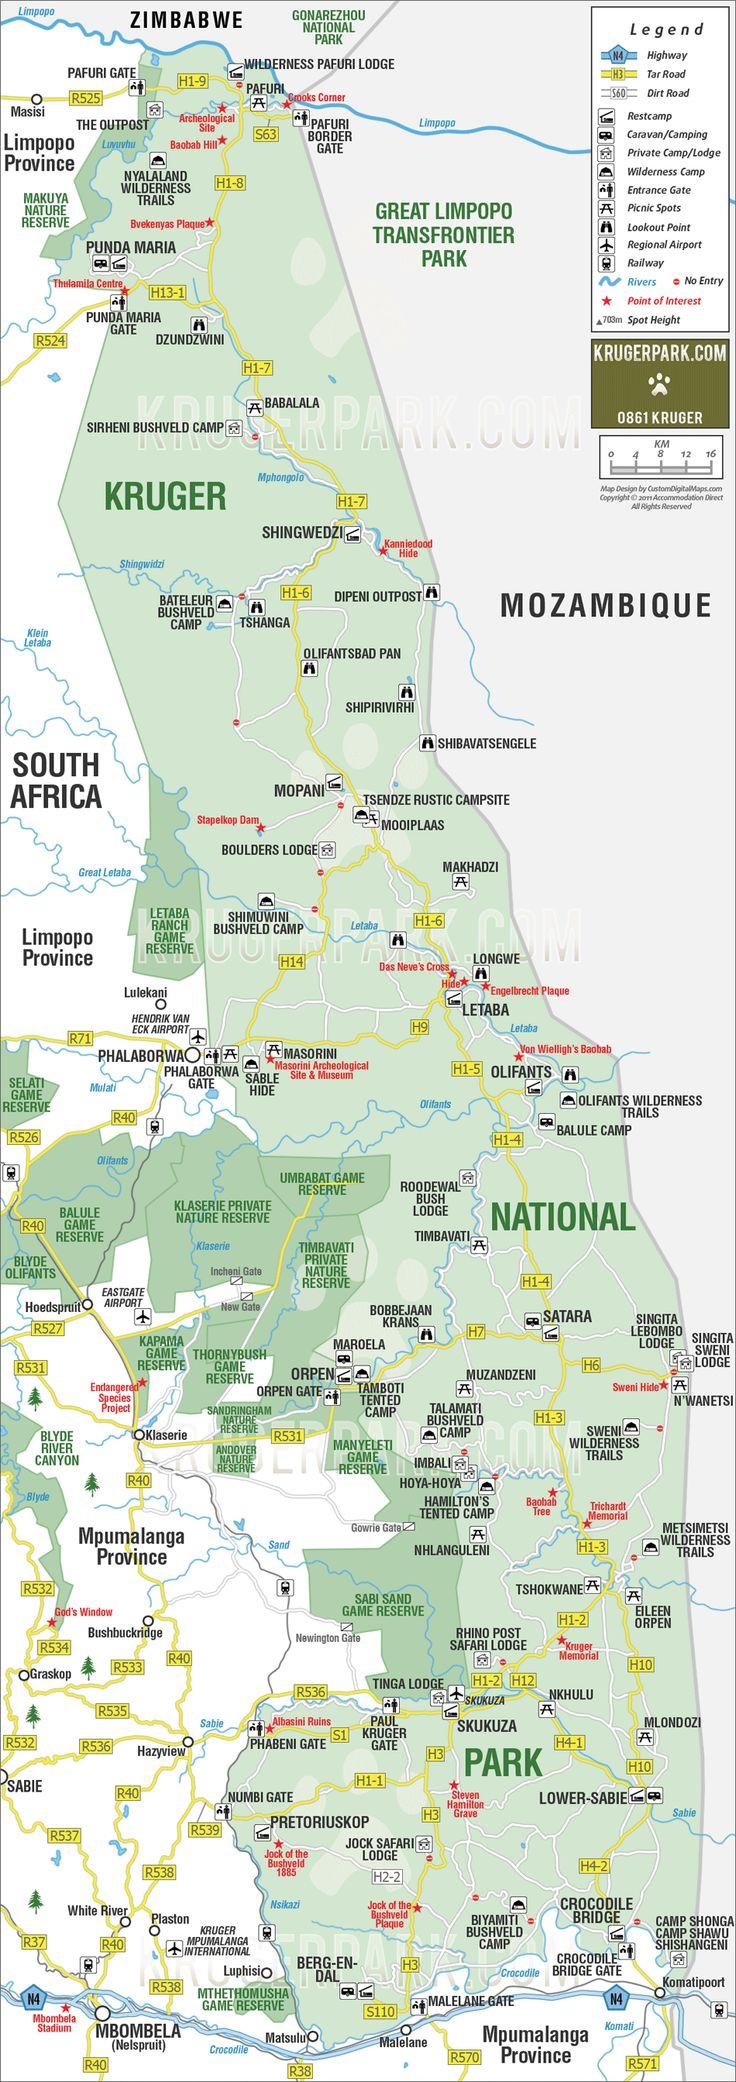 Kruger Park Maps - Full map of the Kruger National Park